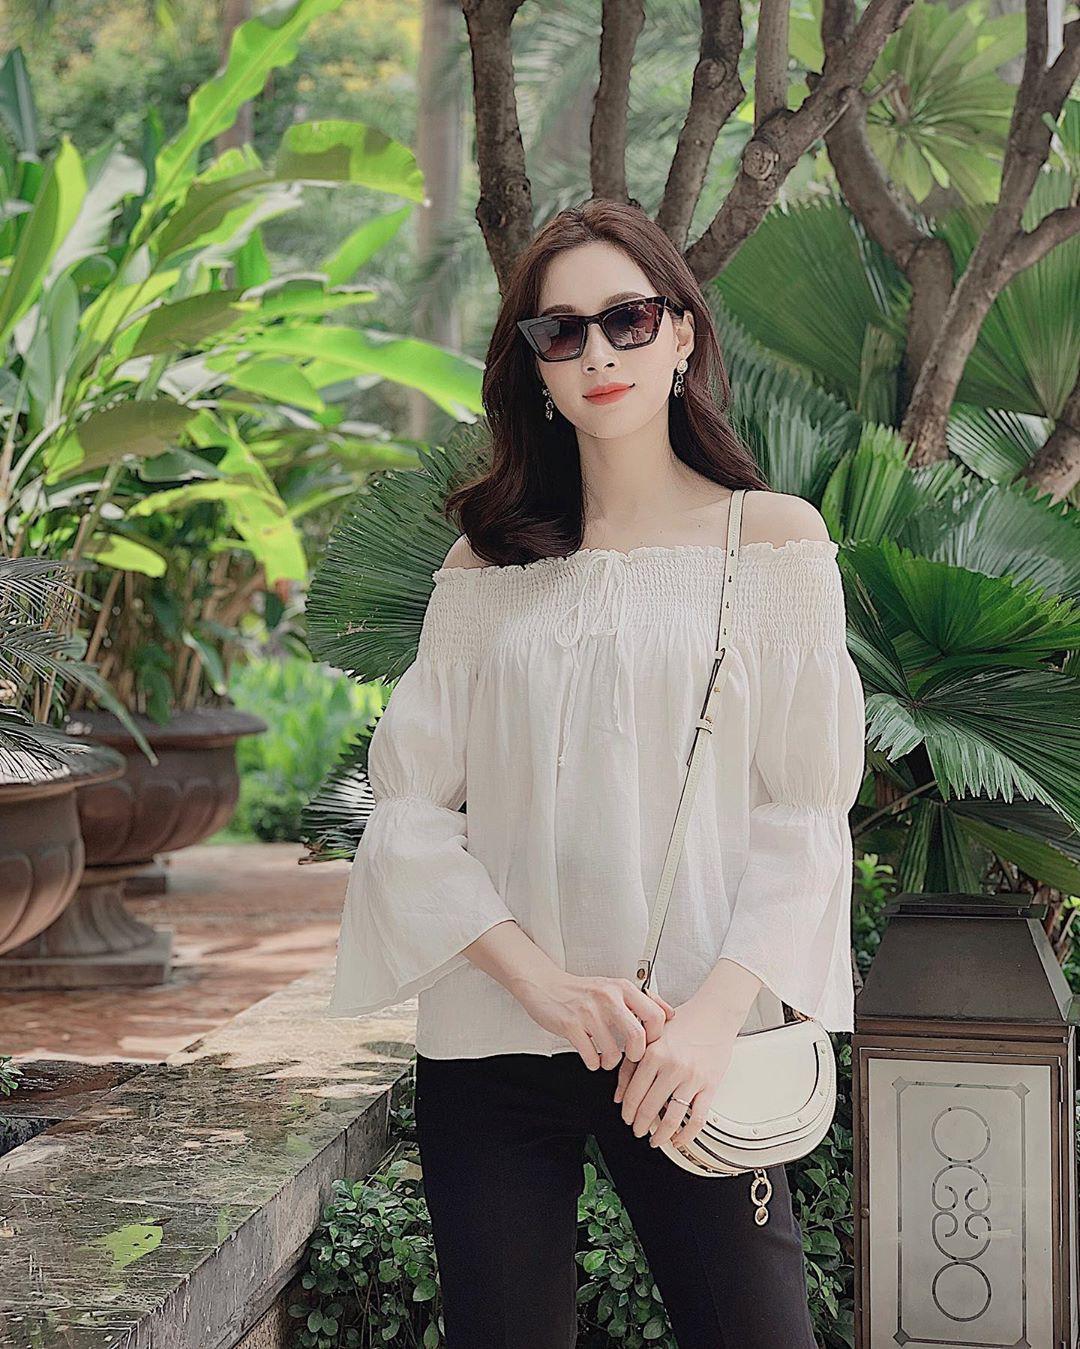 Làm chủ công thức đen - trắng với 13 ý tưởng từ sao nữ Việt và style của bạn sẽ lên đời thấy rõ - Ảnh 6.